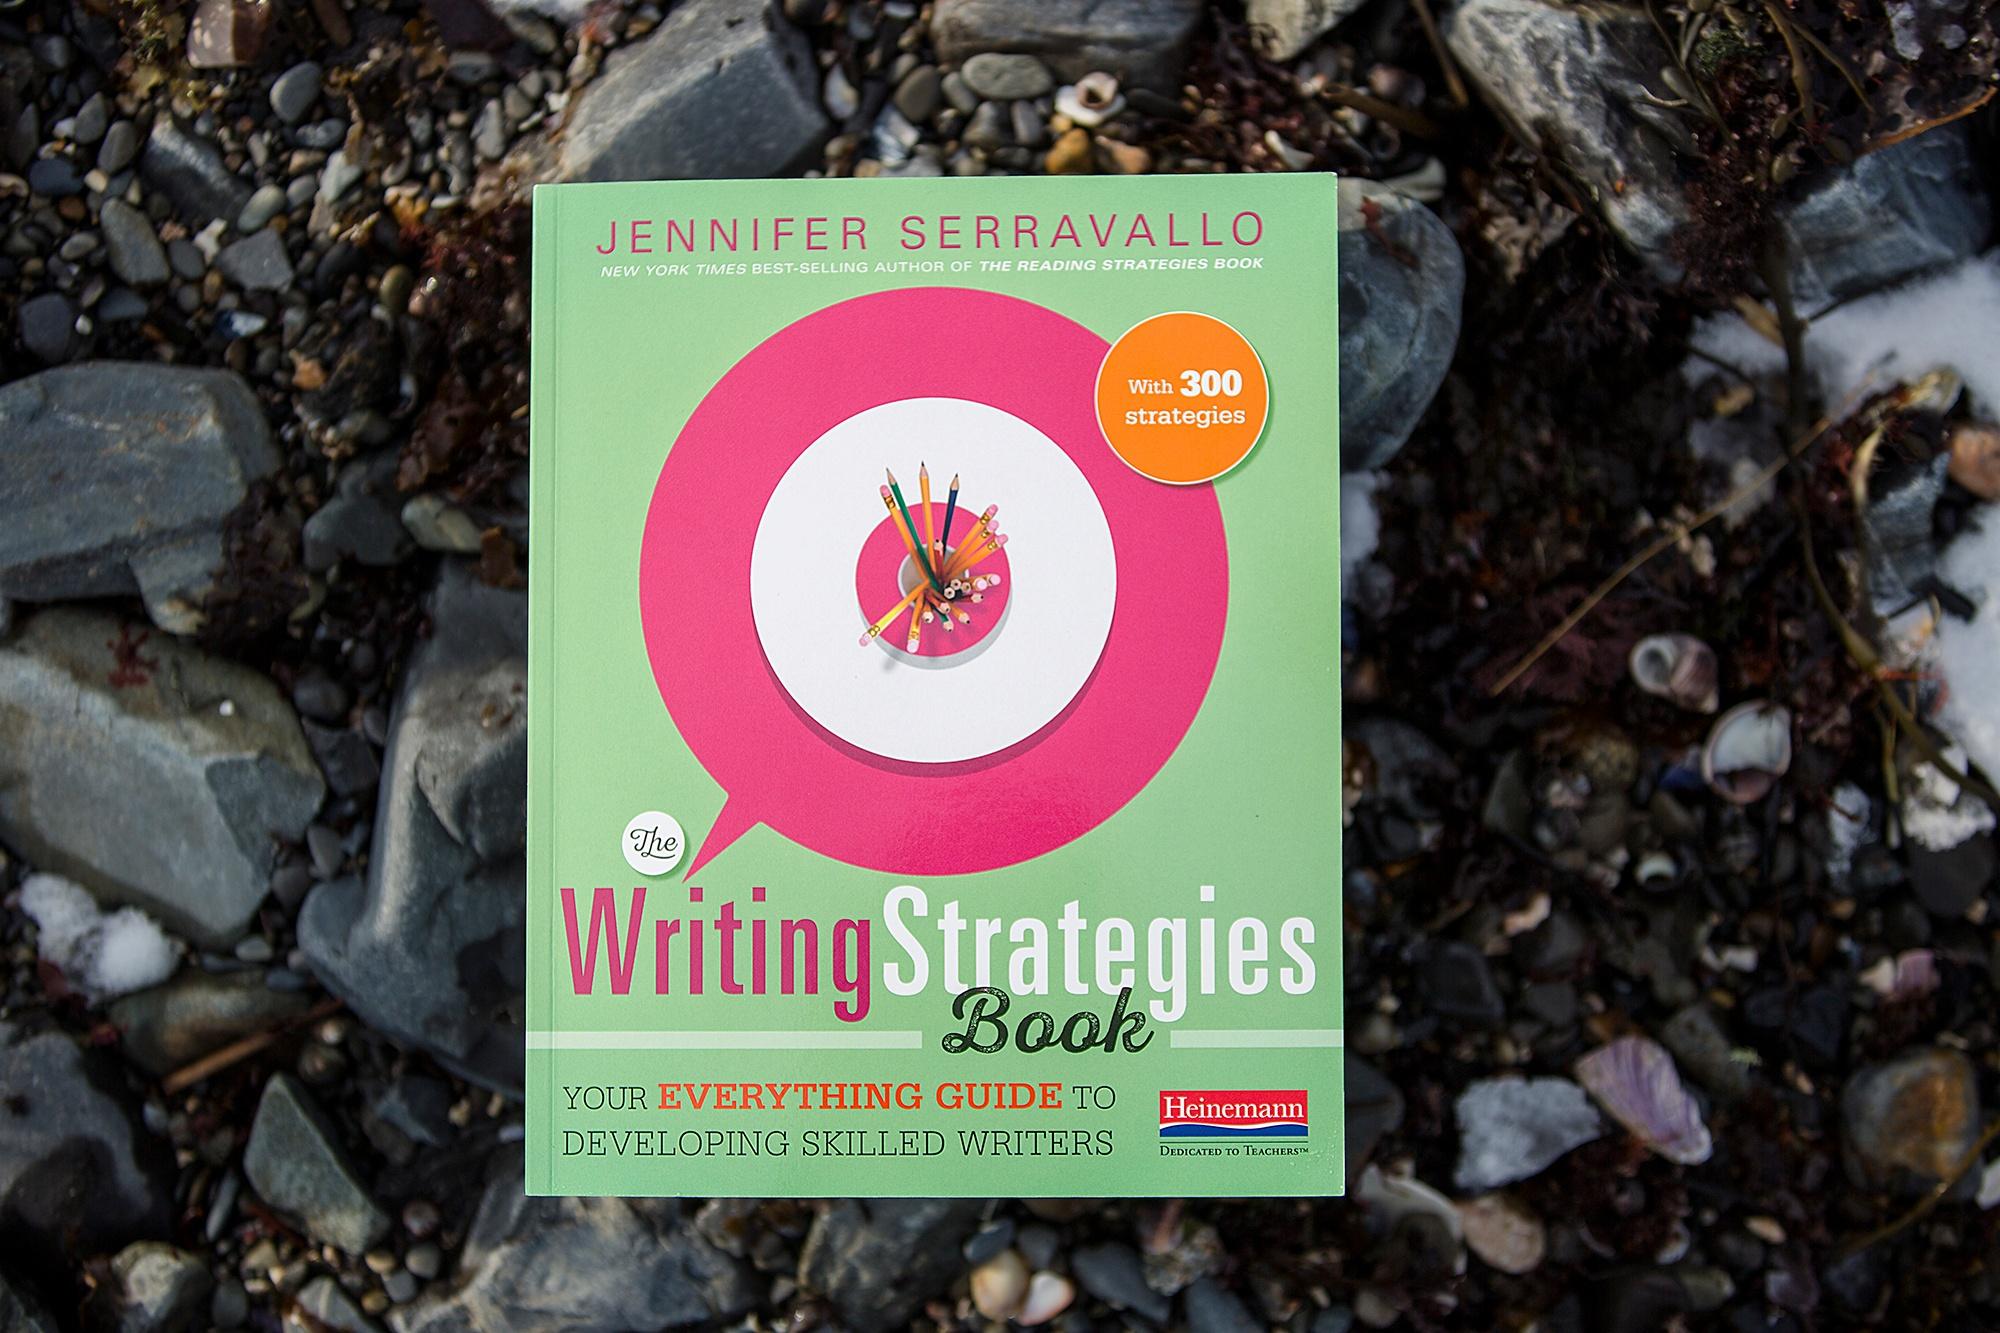 sm_E07822_Serravallo_Book Cover_MG5D7264